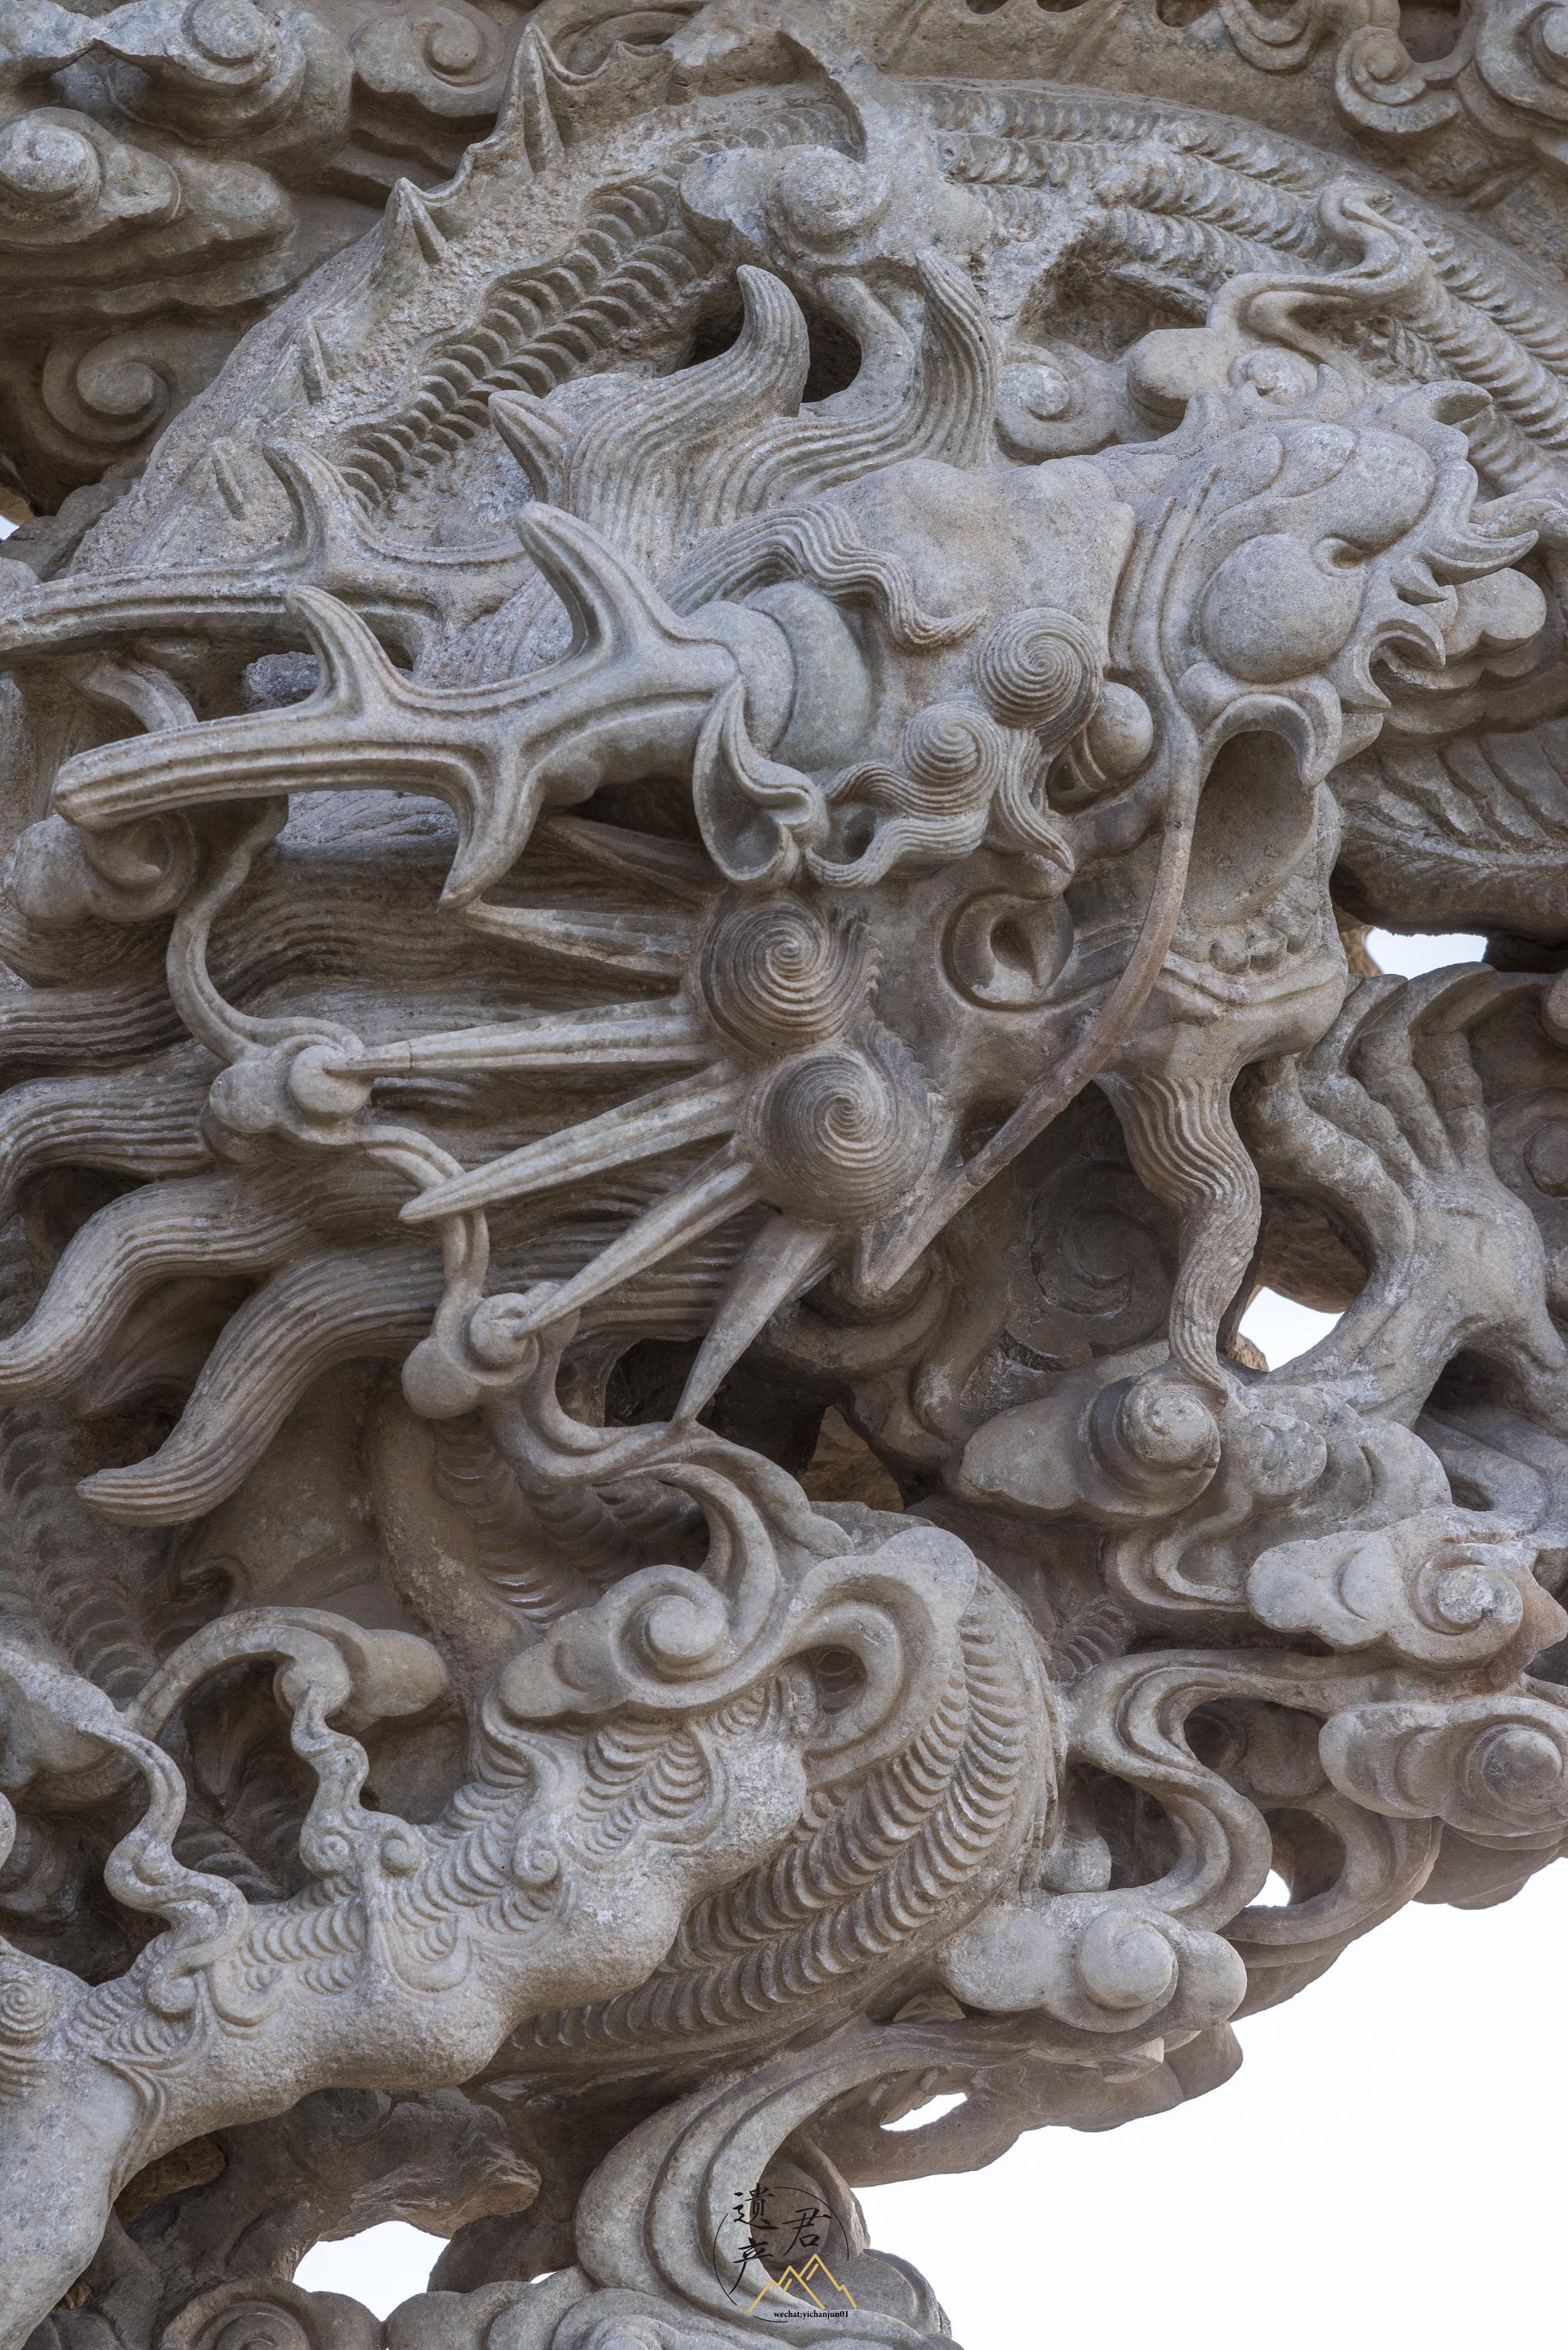 山西五台山龙泉寺的石雕工艺,为民国时期作品